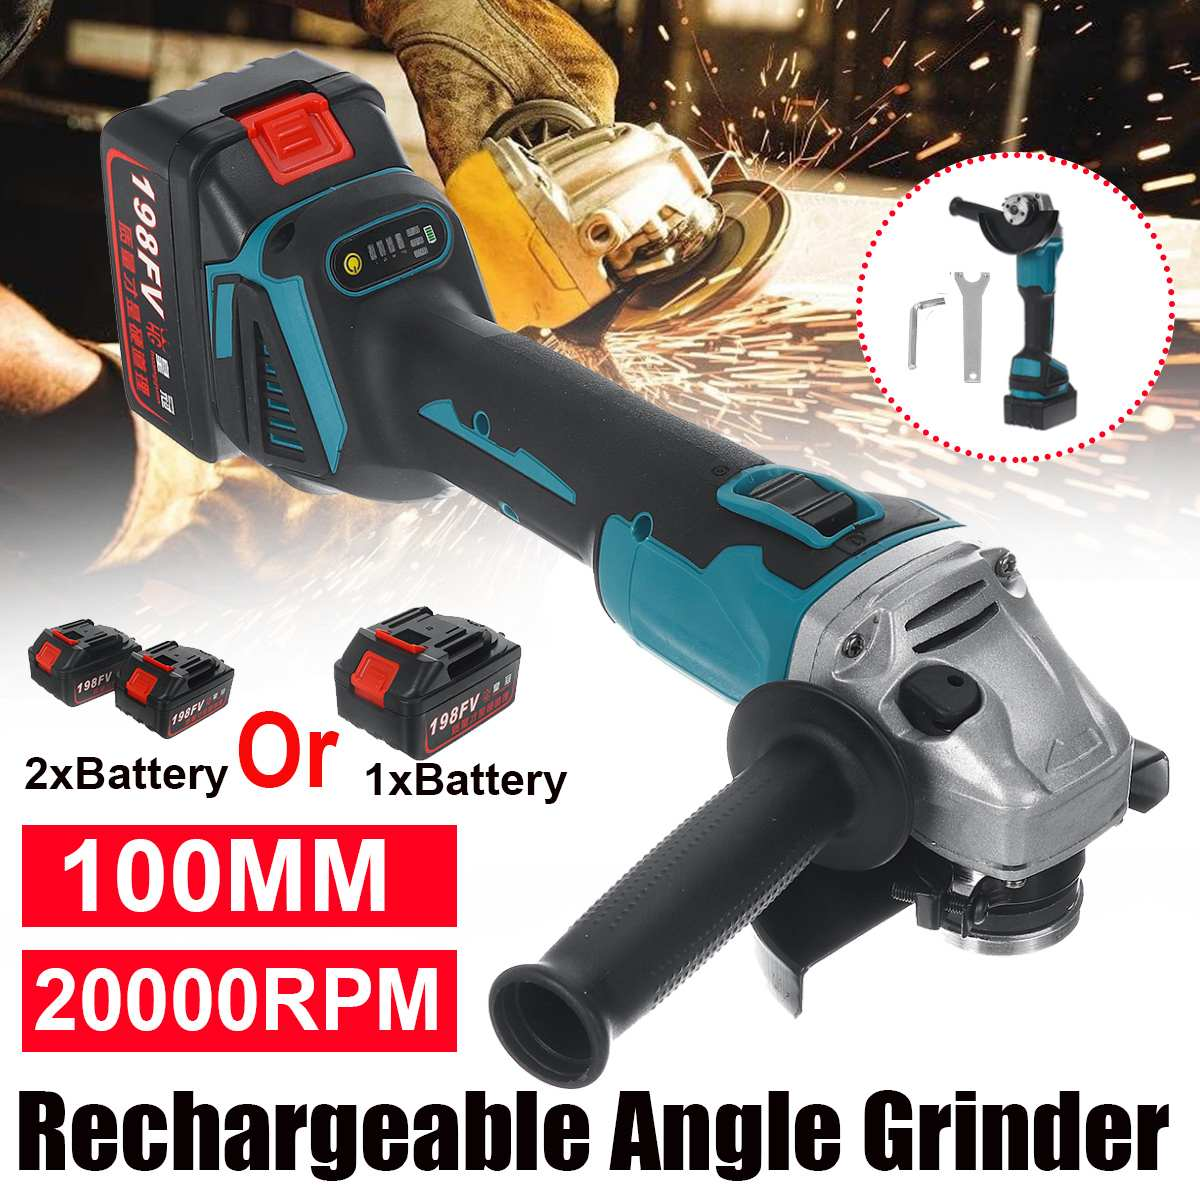 100mm brushless elétrico angle grinder máquina de